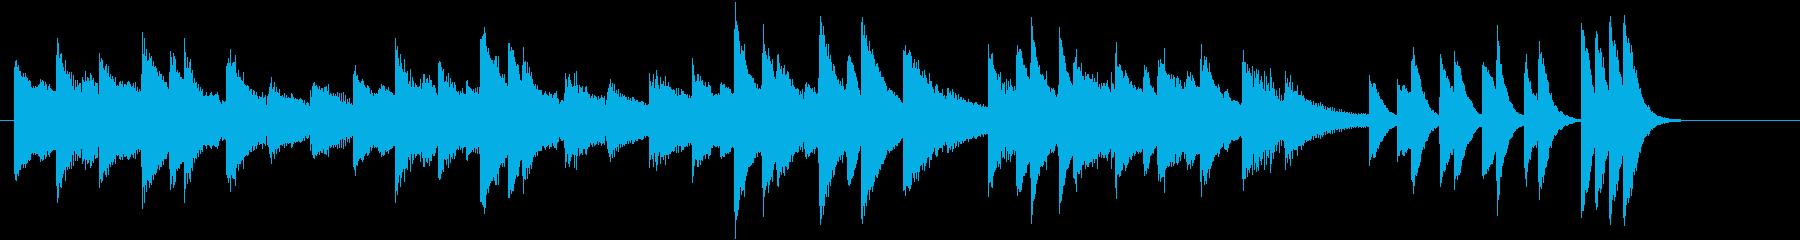 ウインターワンダーランドピアノジングルDの再生済みの波形